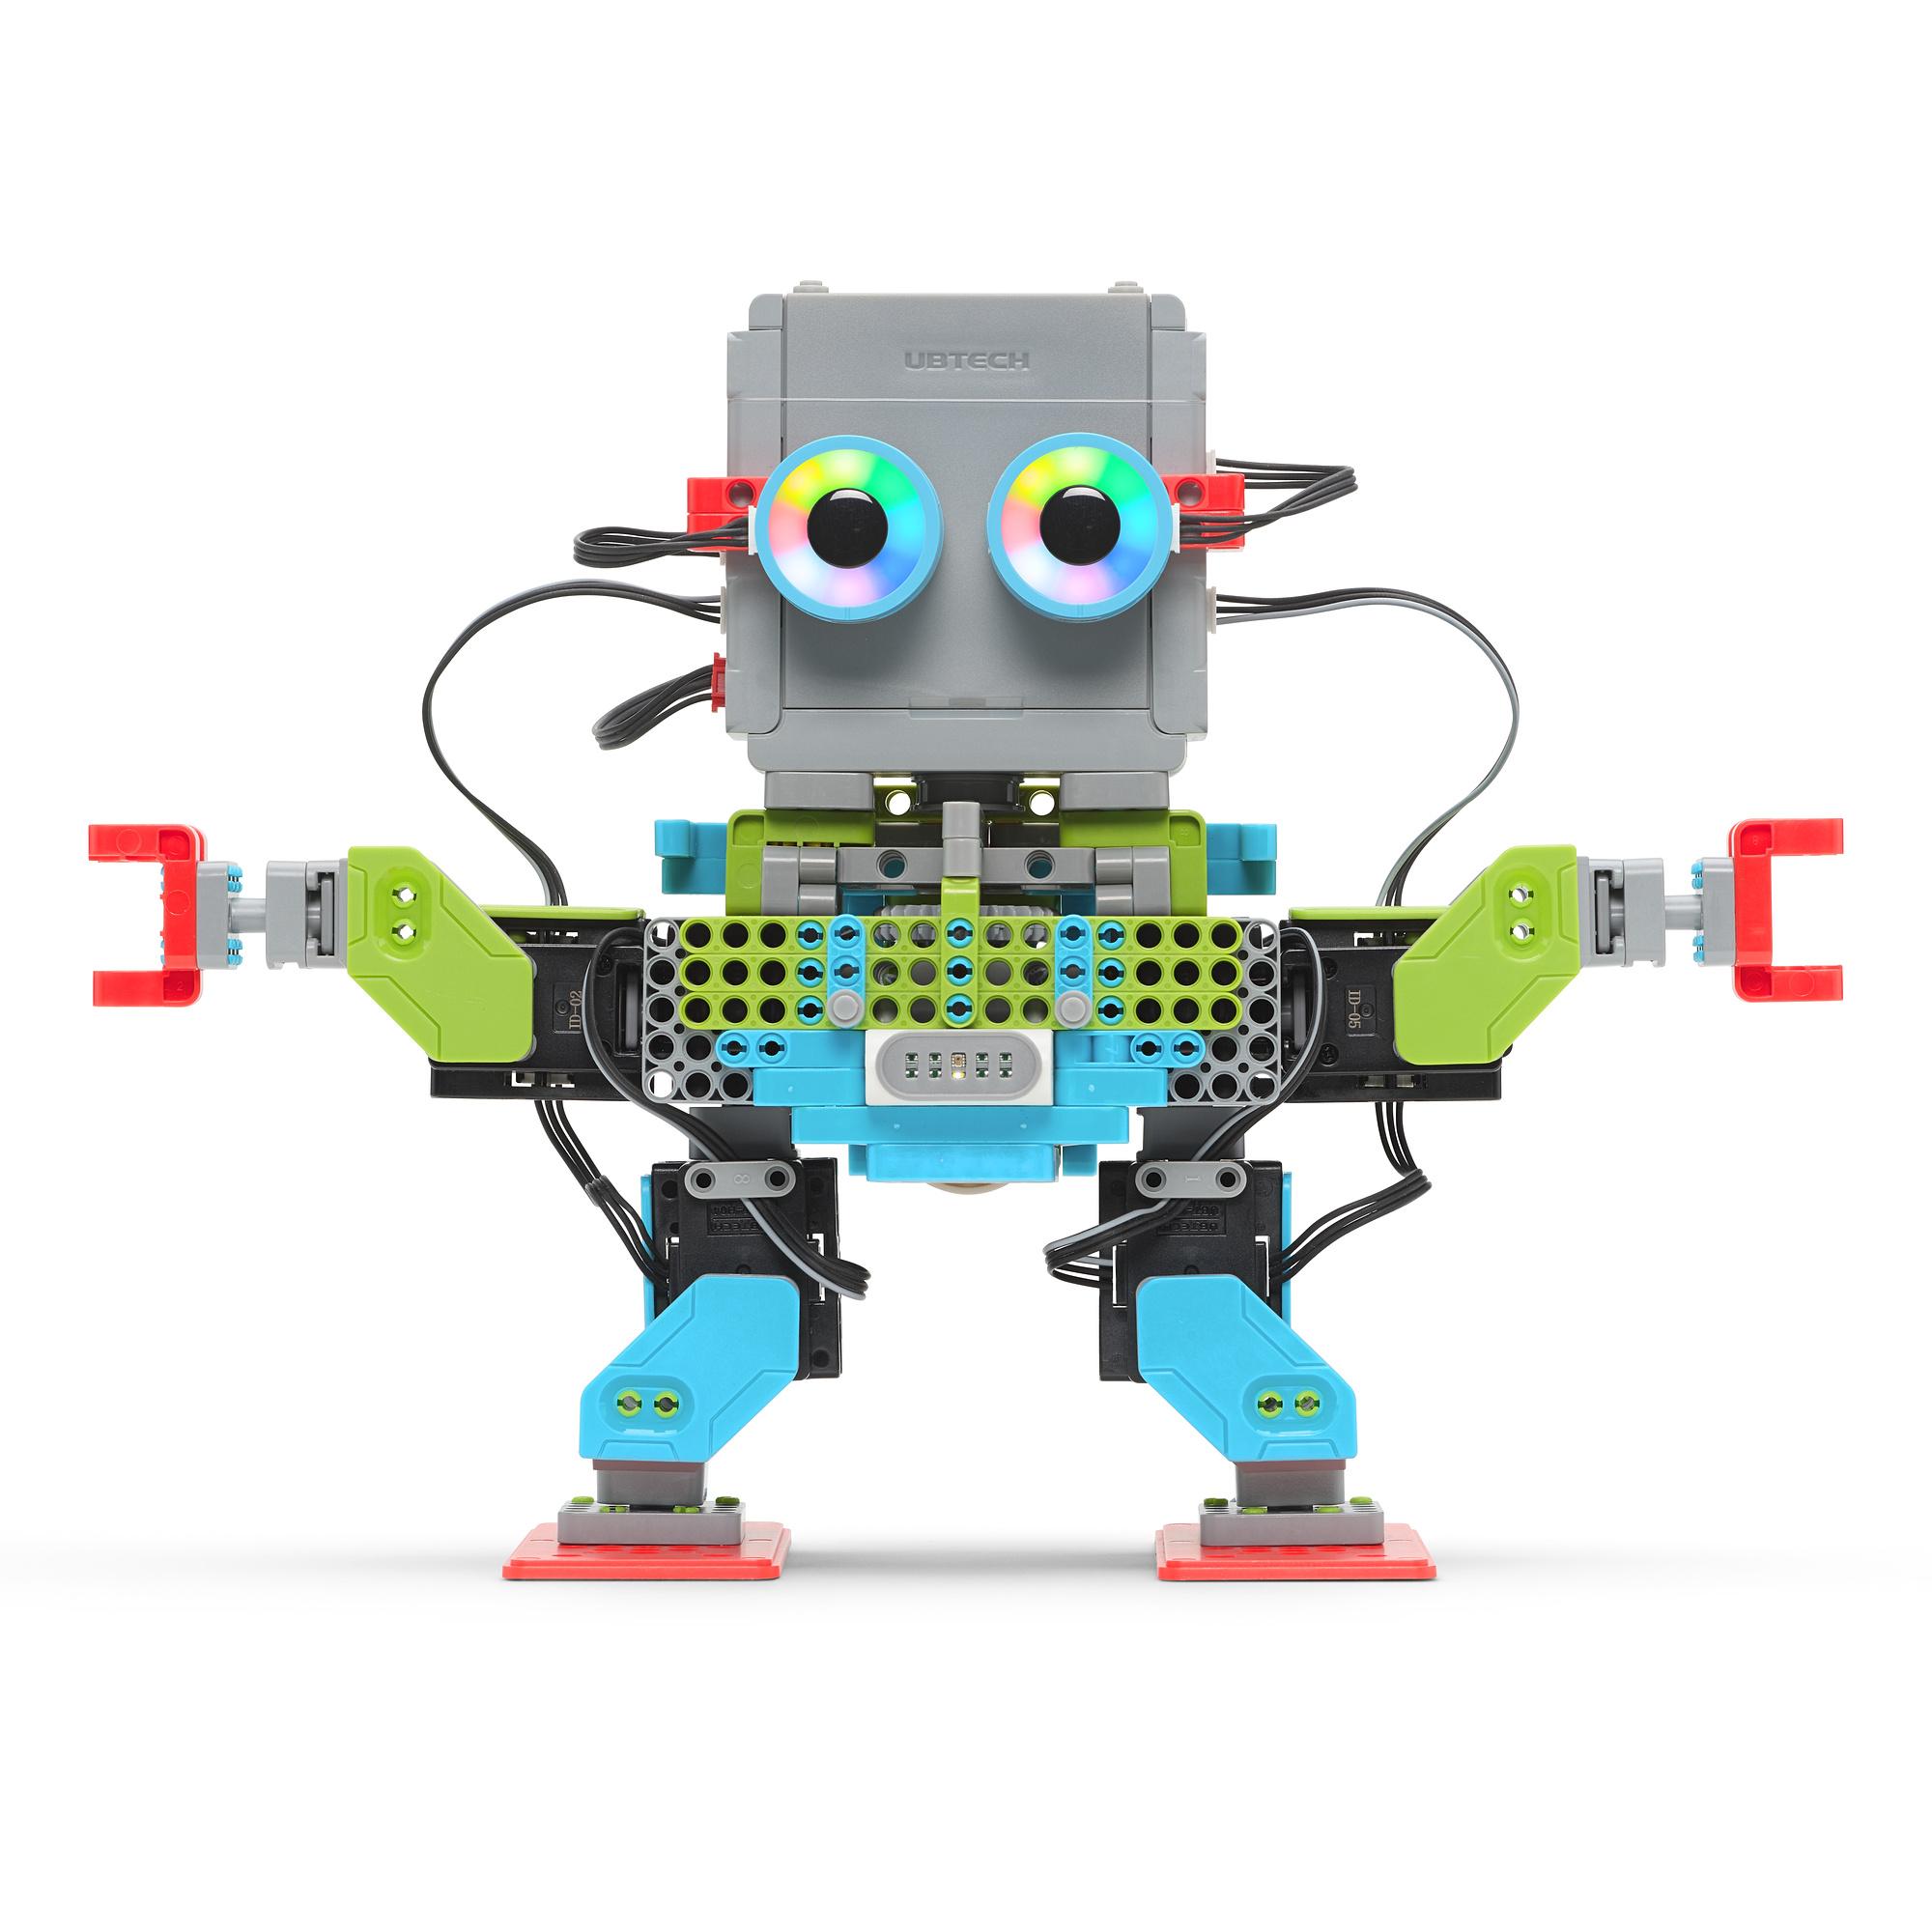 Kit STEM de programación y construcción con app Jimu Robot MeeBot 2.0 de UBTECH